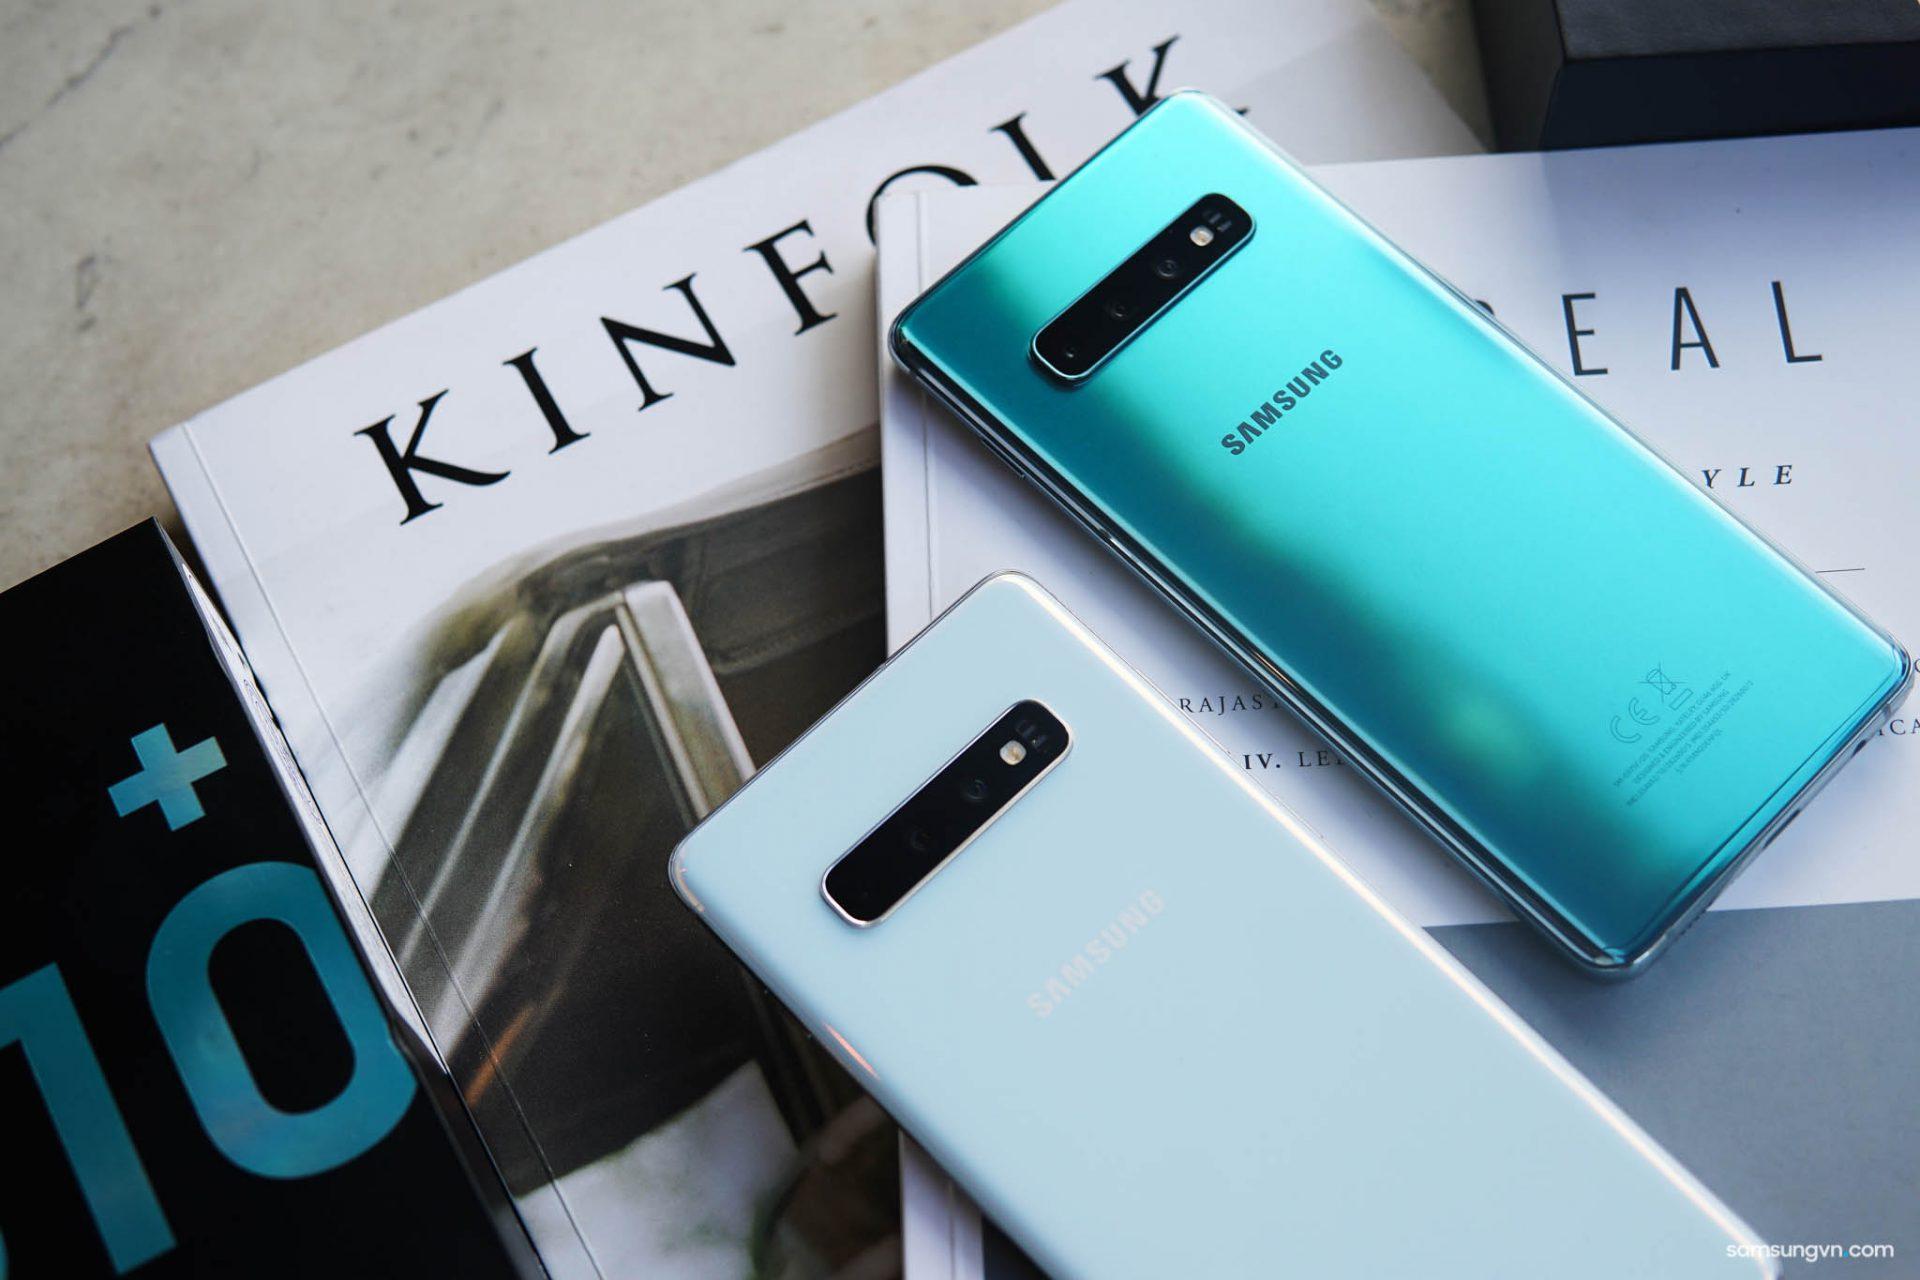 Đập hộp Galaxy S10+ chính hãng thị trường Việt Nam: 2 phiên bản màu Trắng pha lê & Xanh lục bảo, giá 22,99 triệu